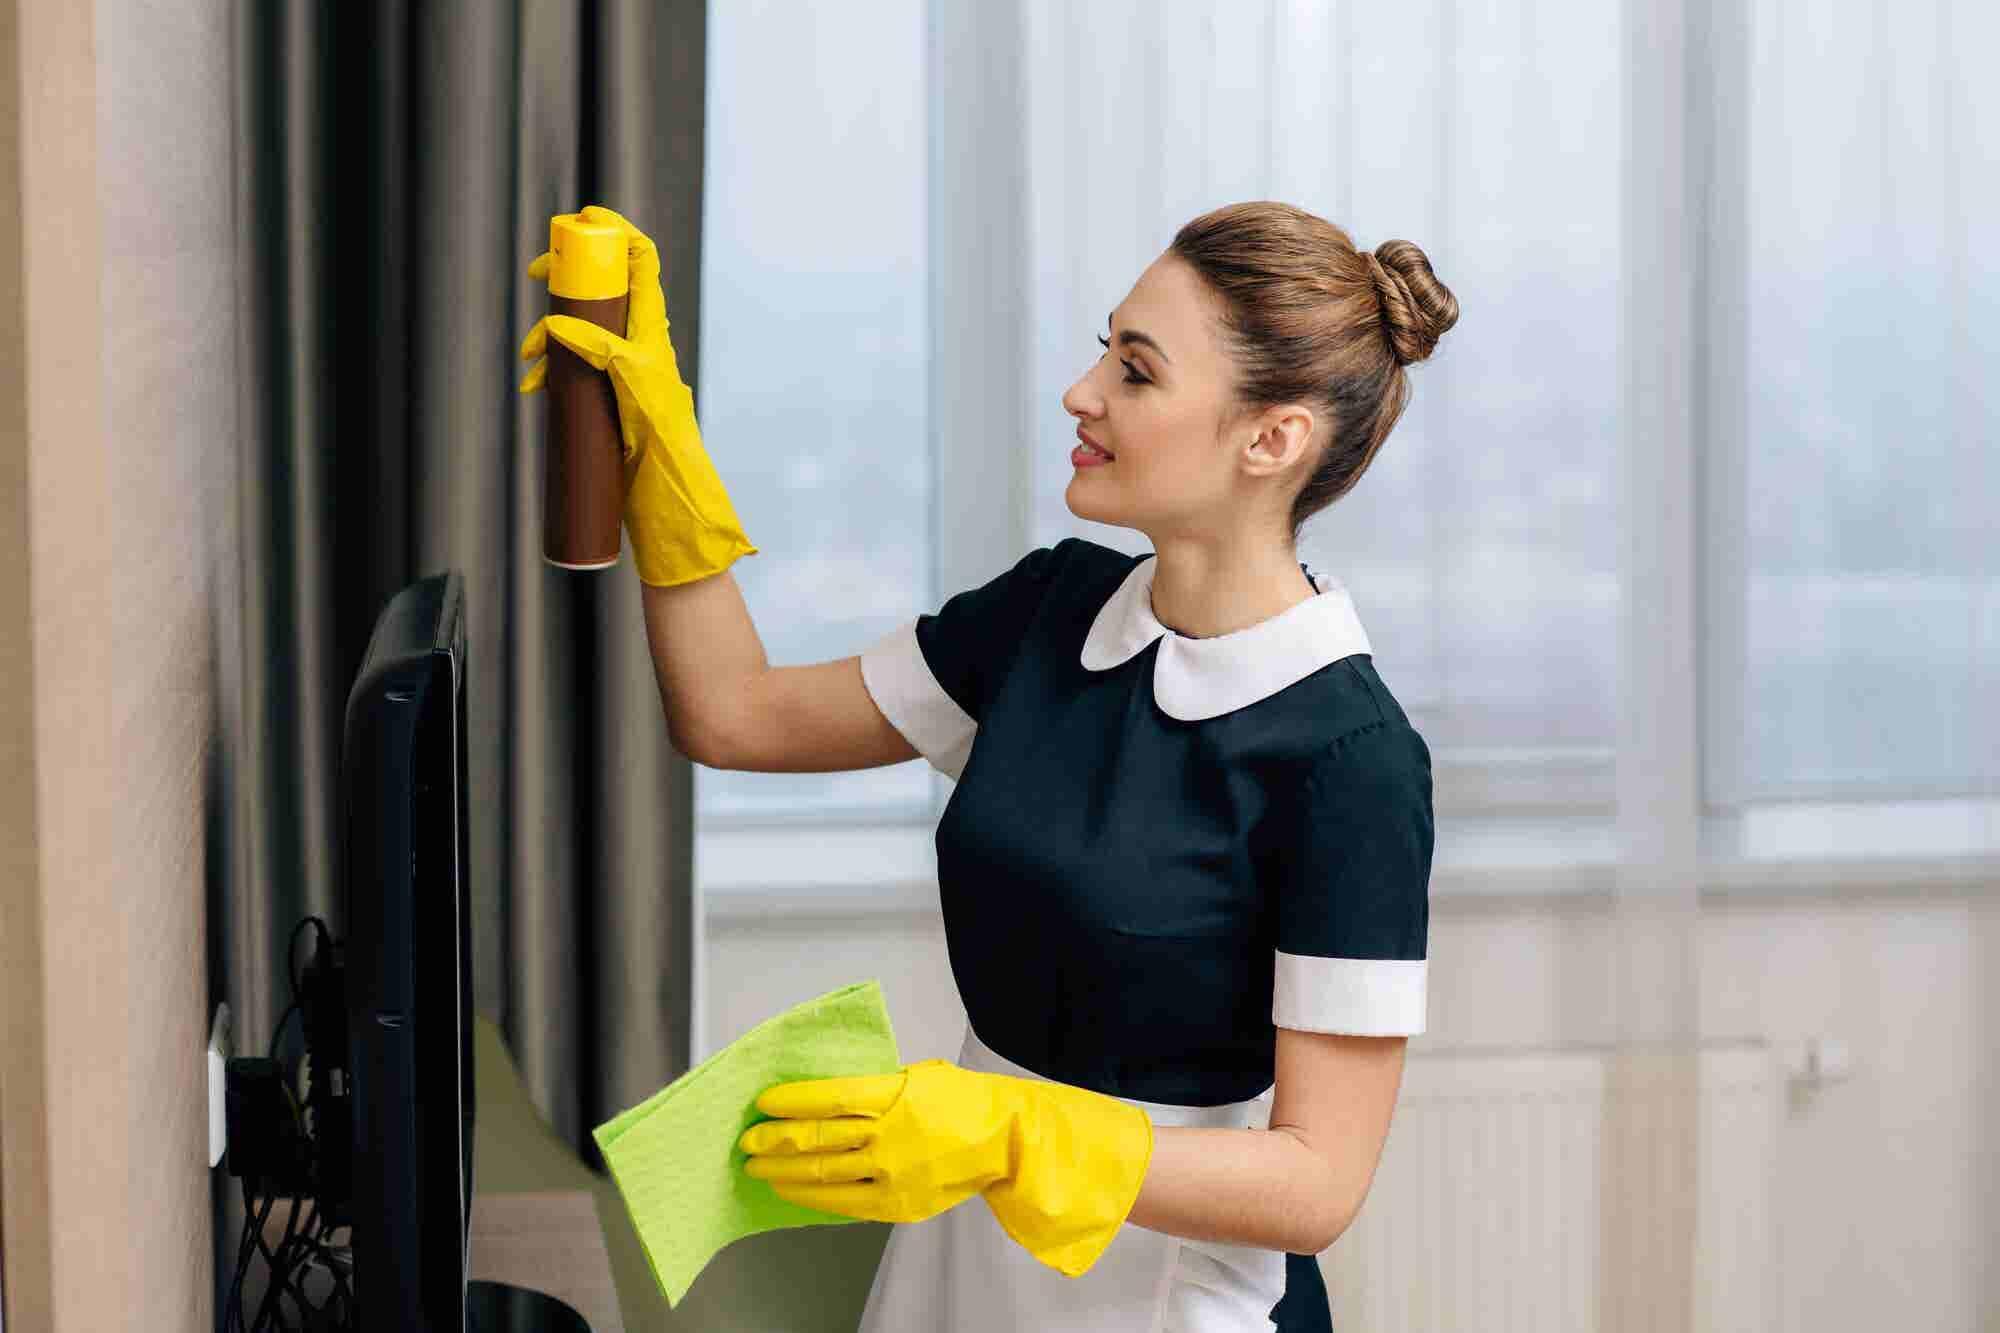 ¡Por fin! Las trabajadoras domésticas tendrán acceso a seguridad social